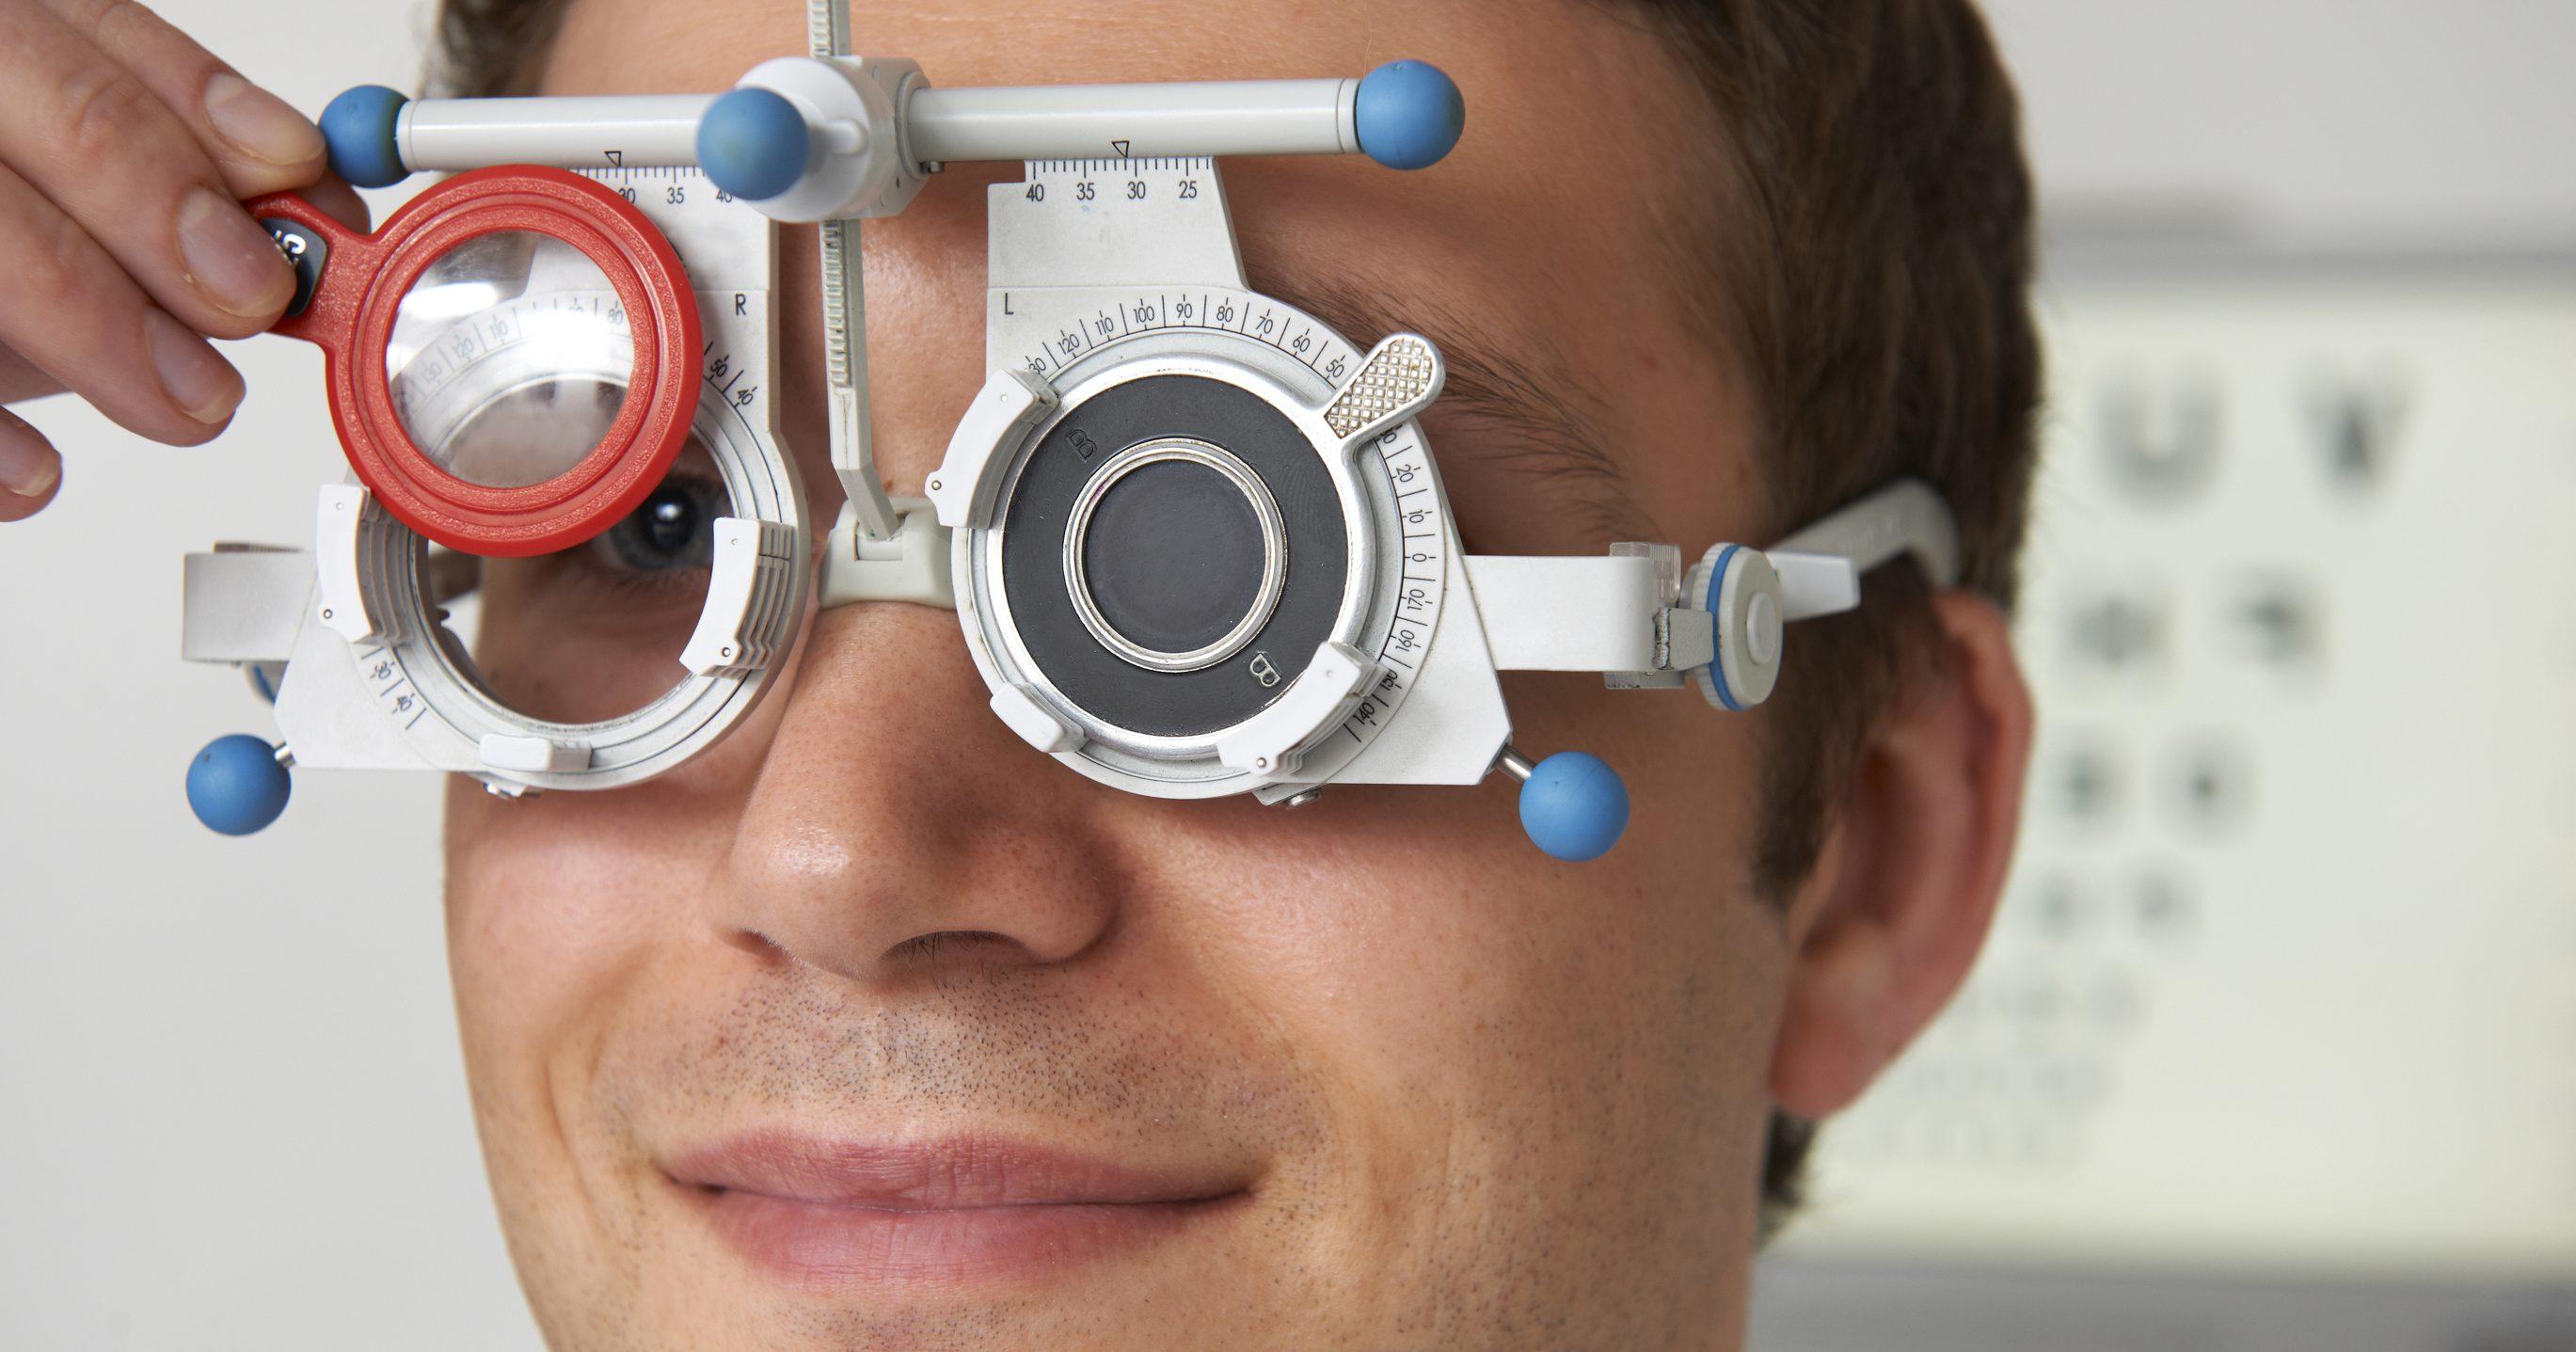 Як перевірити зір онлайн - перевірка зору в домашніх умовах c9a3d54e10950